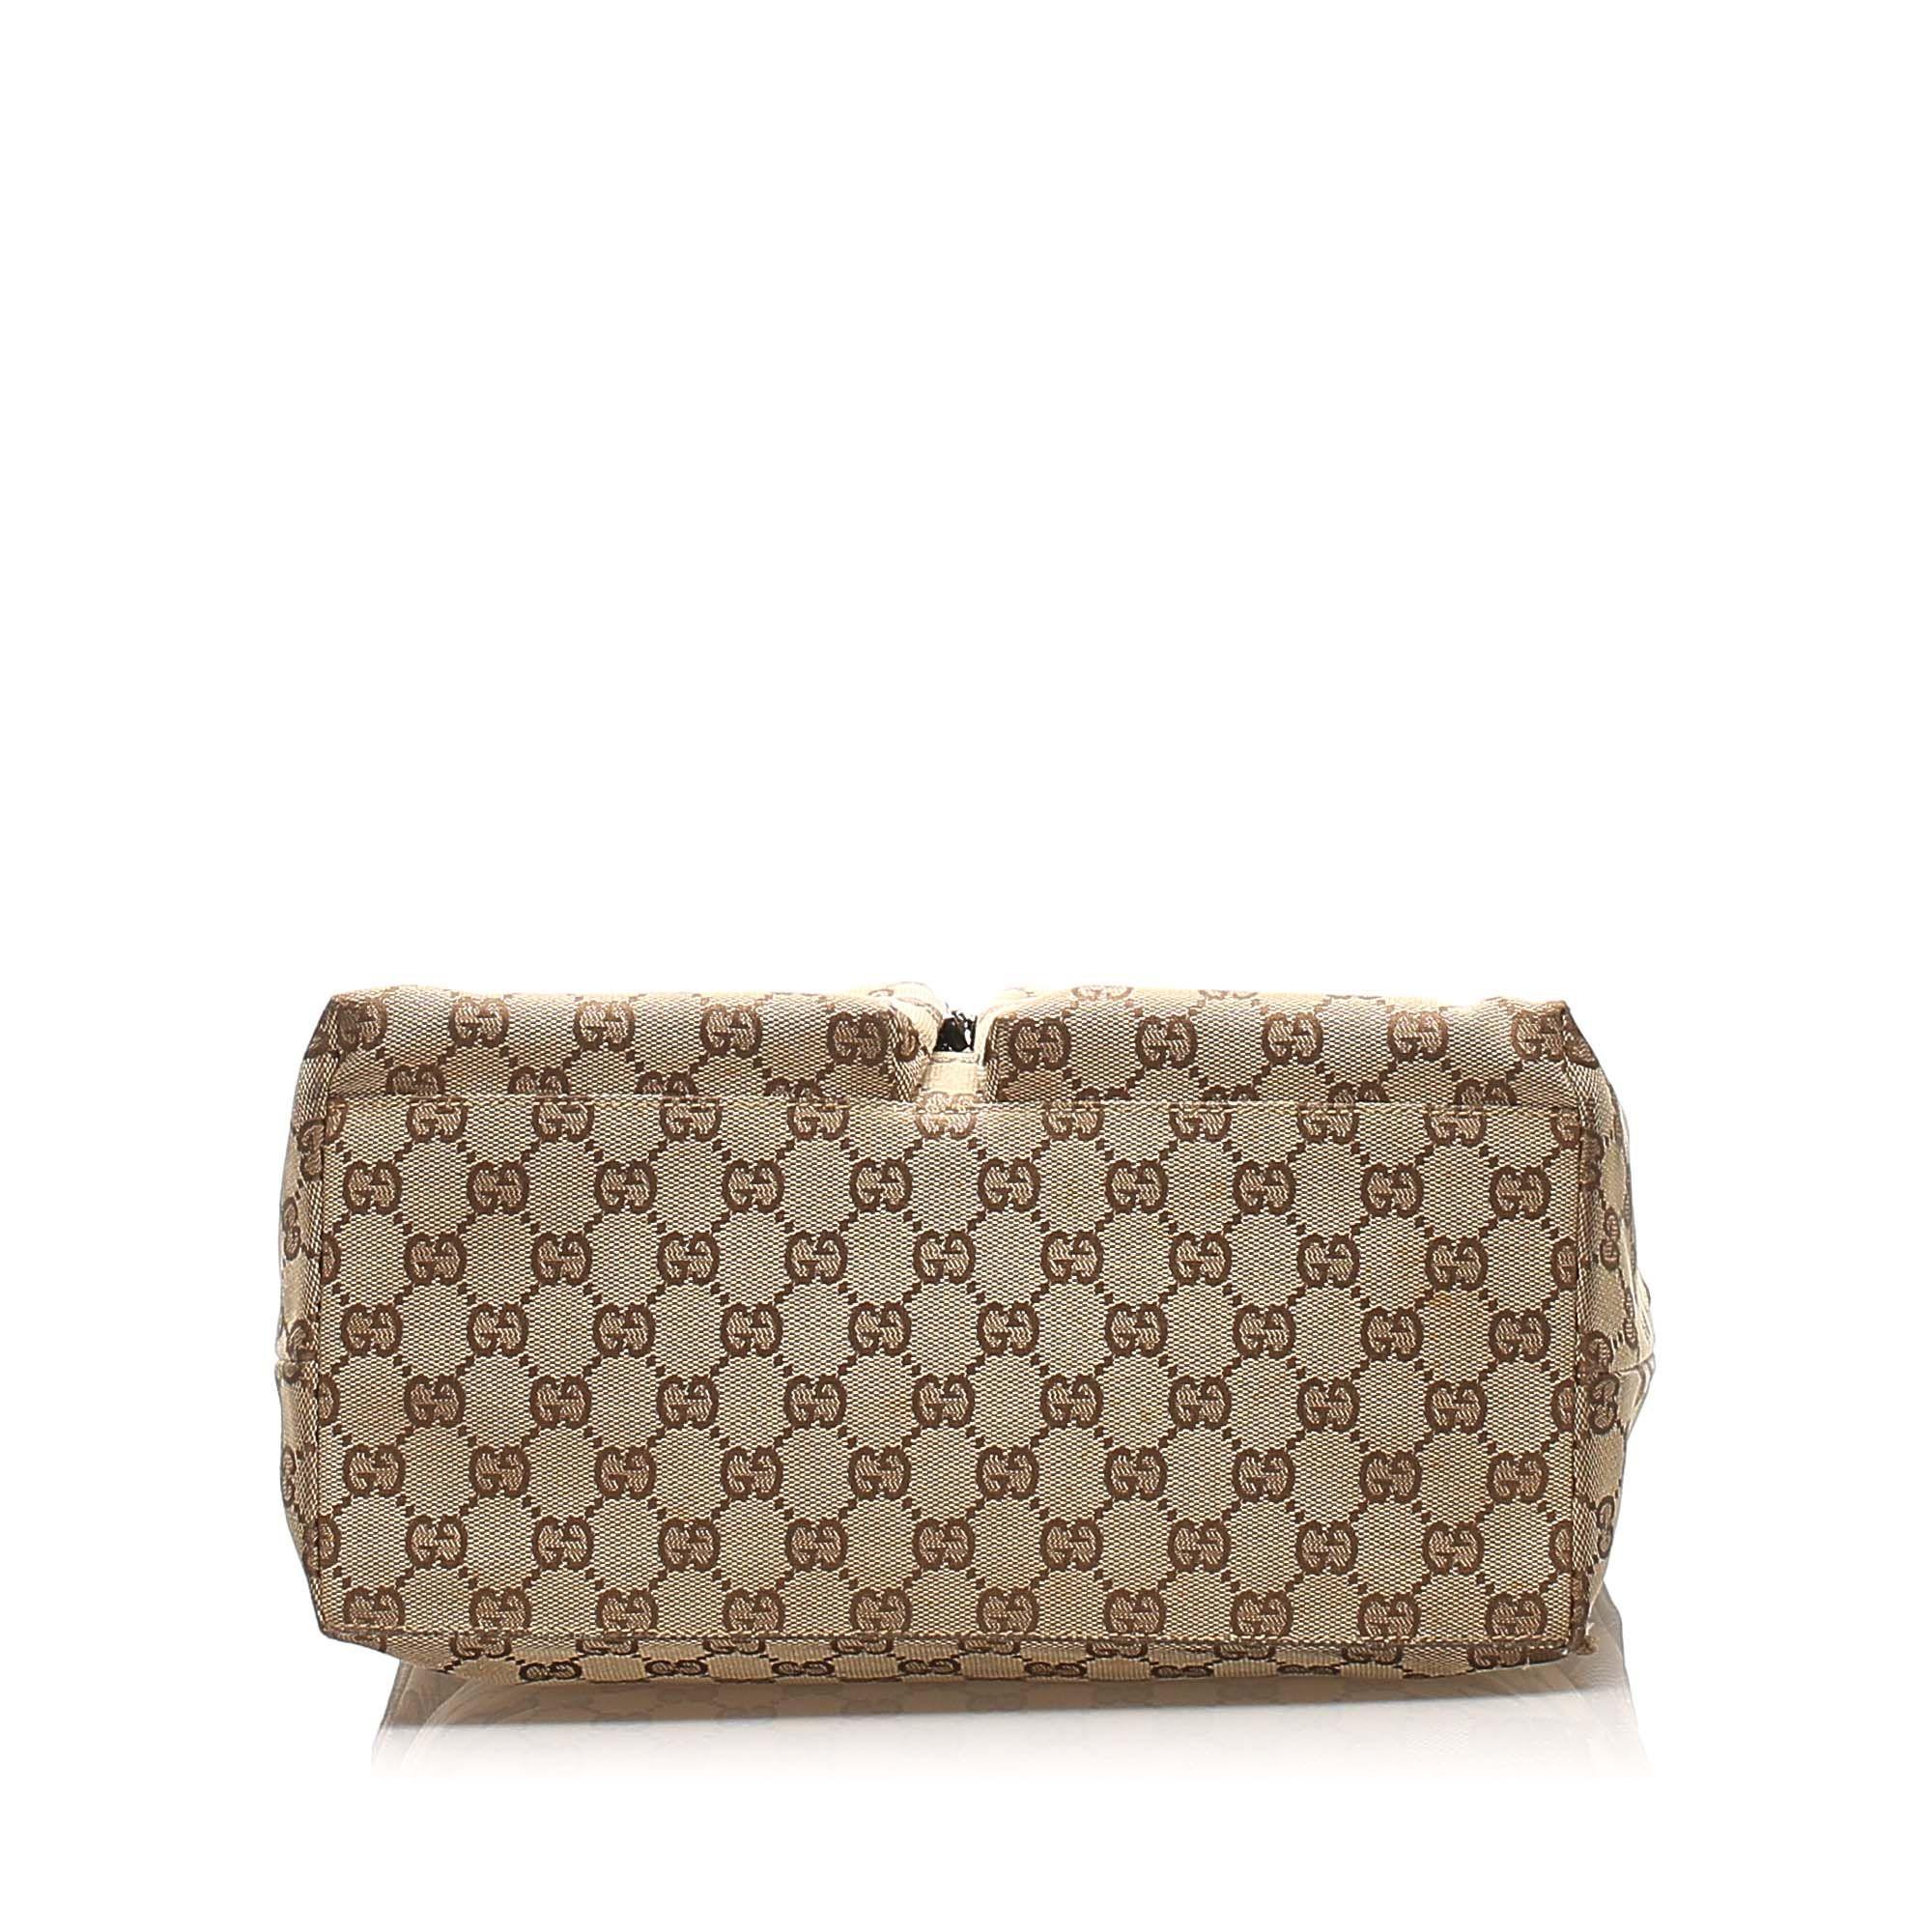 Vintage Gucci GG Canvas Shoulder Bag Brown